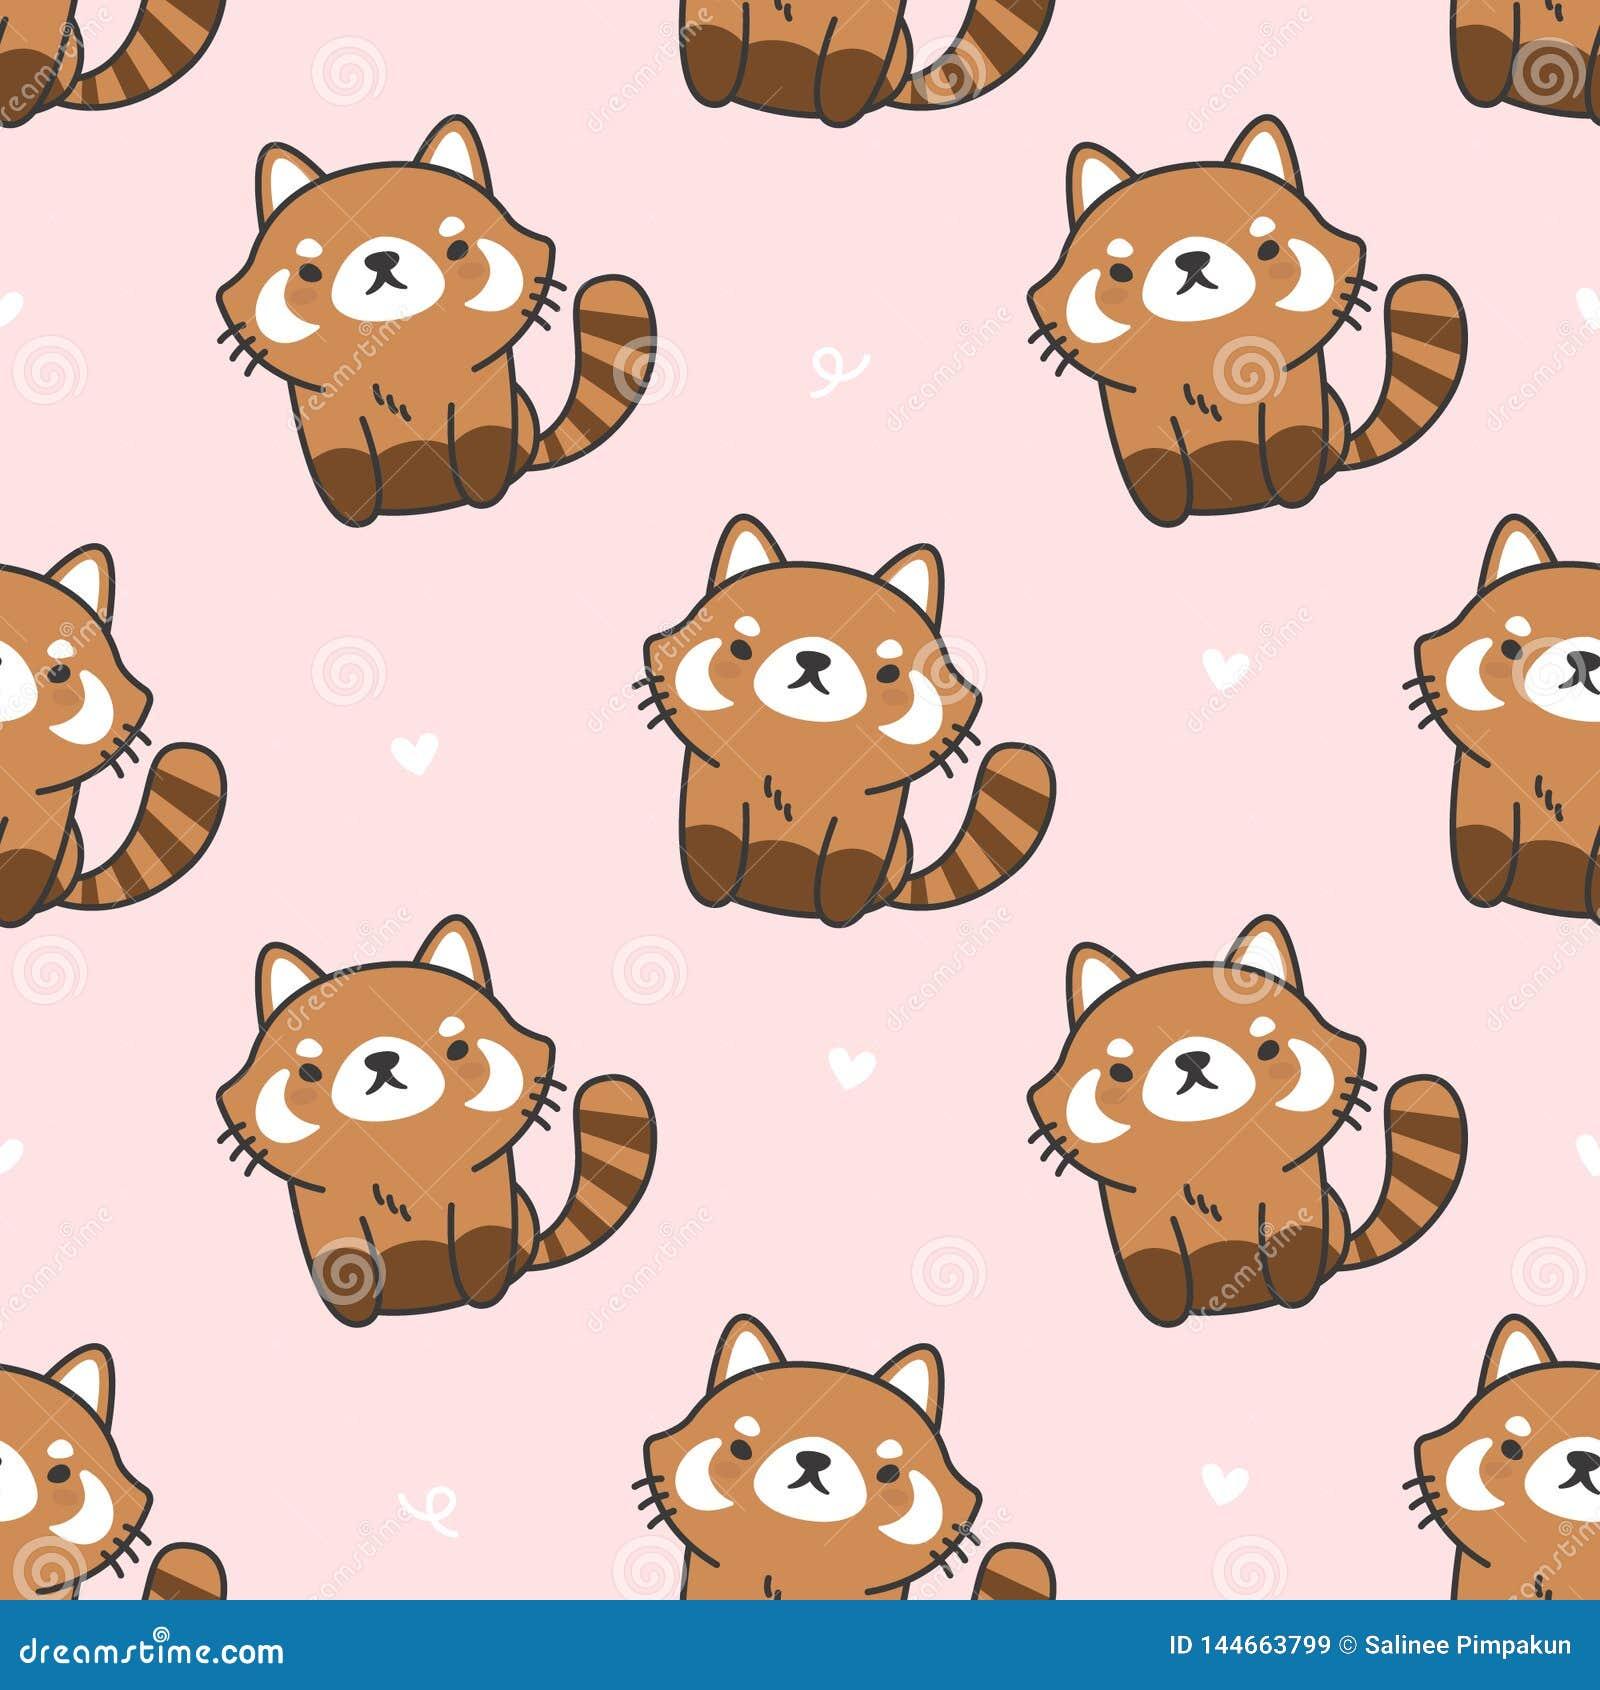 Cute red panda Seamless Pattern Background